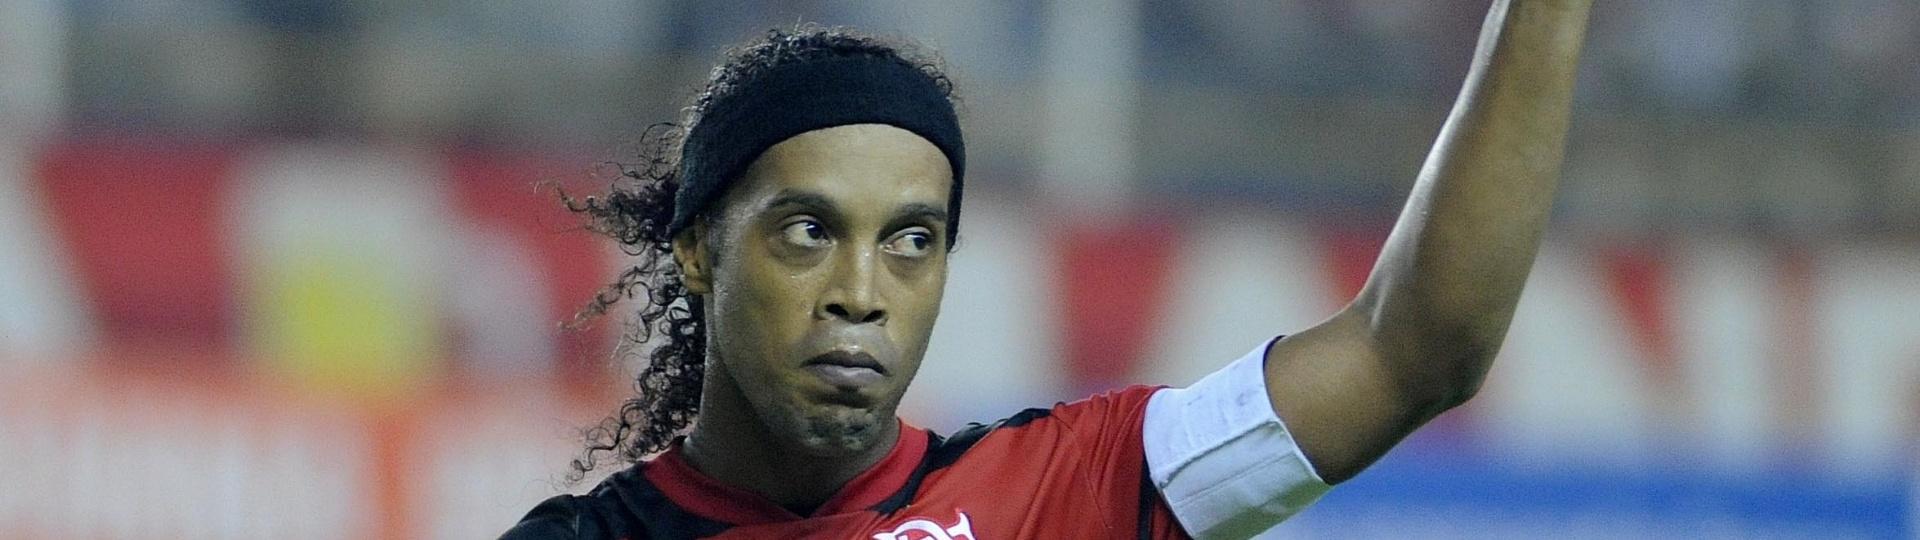 Ronaldinho Gaúcho agradece apoio da torcida durante partida do Flamengo